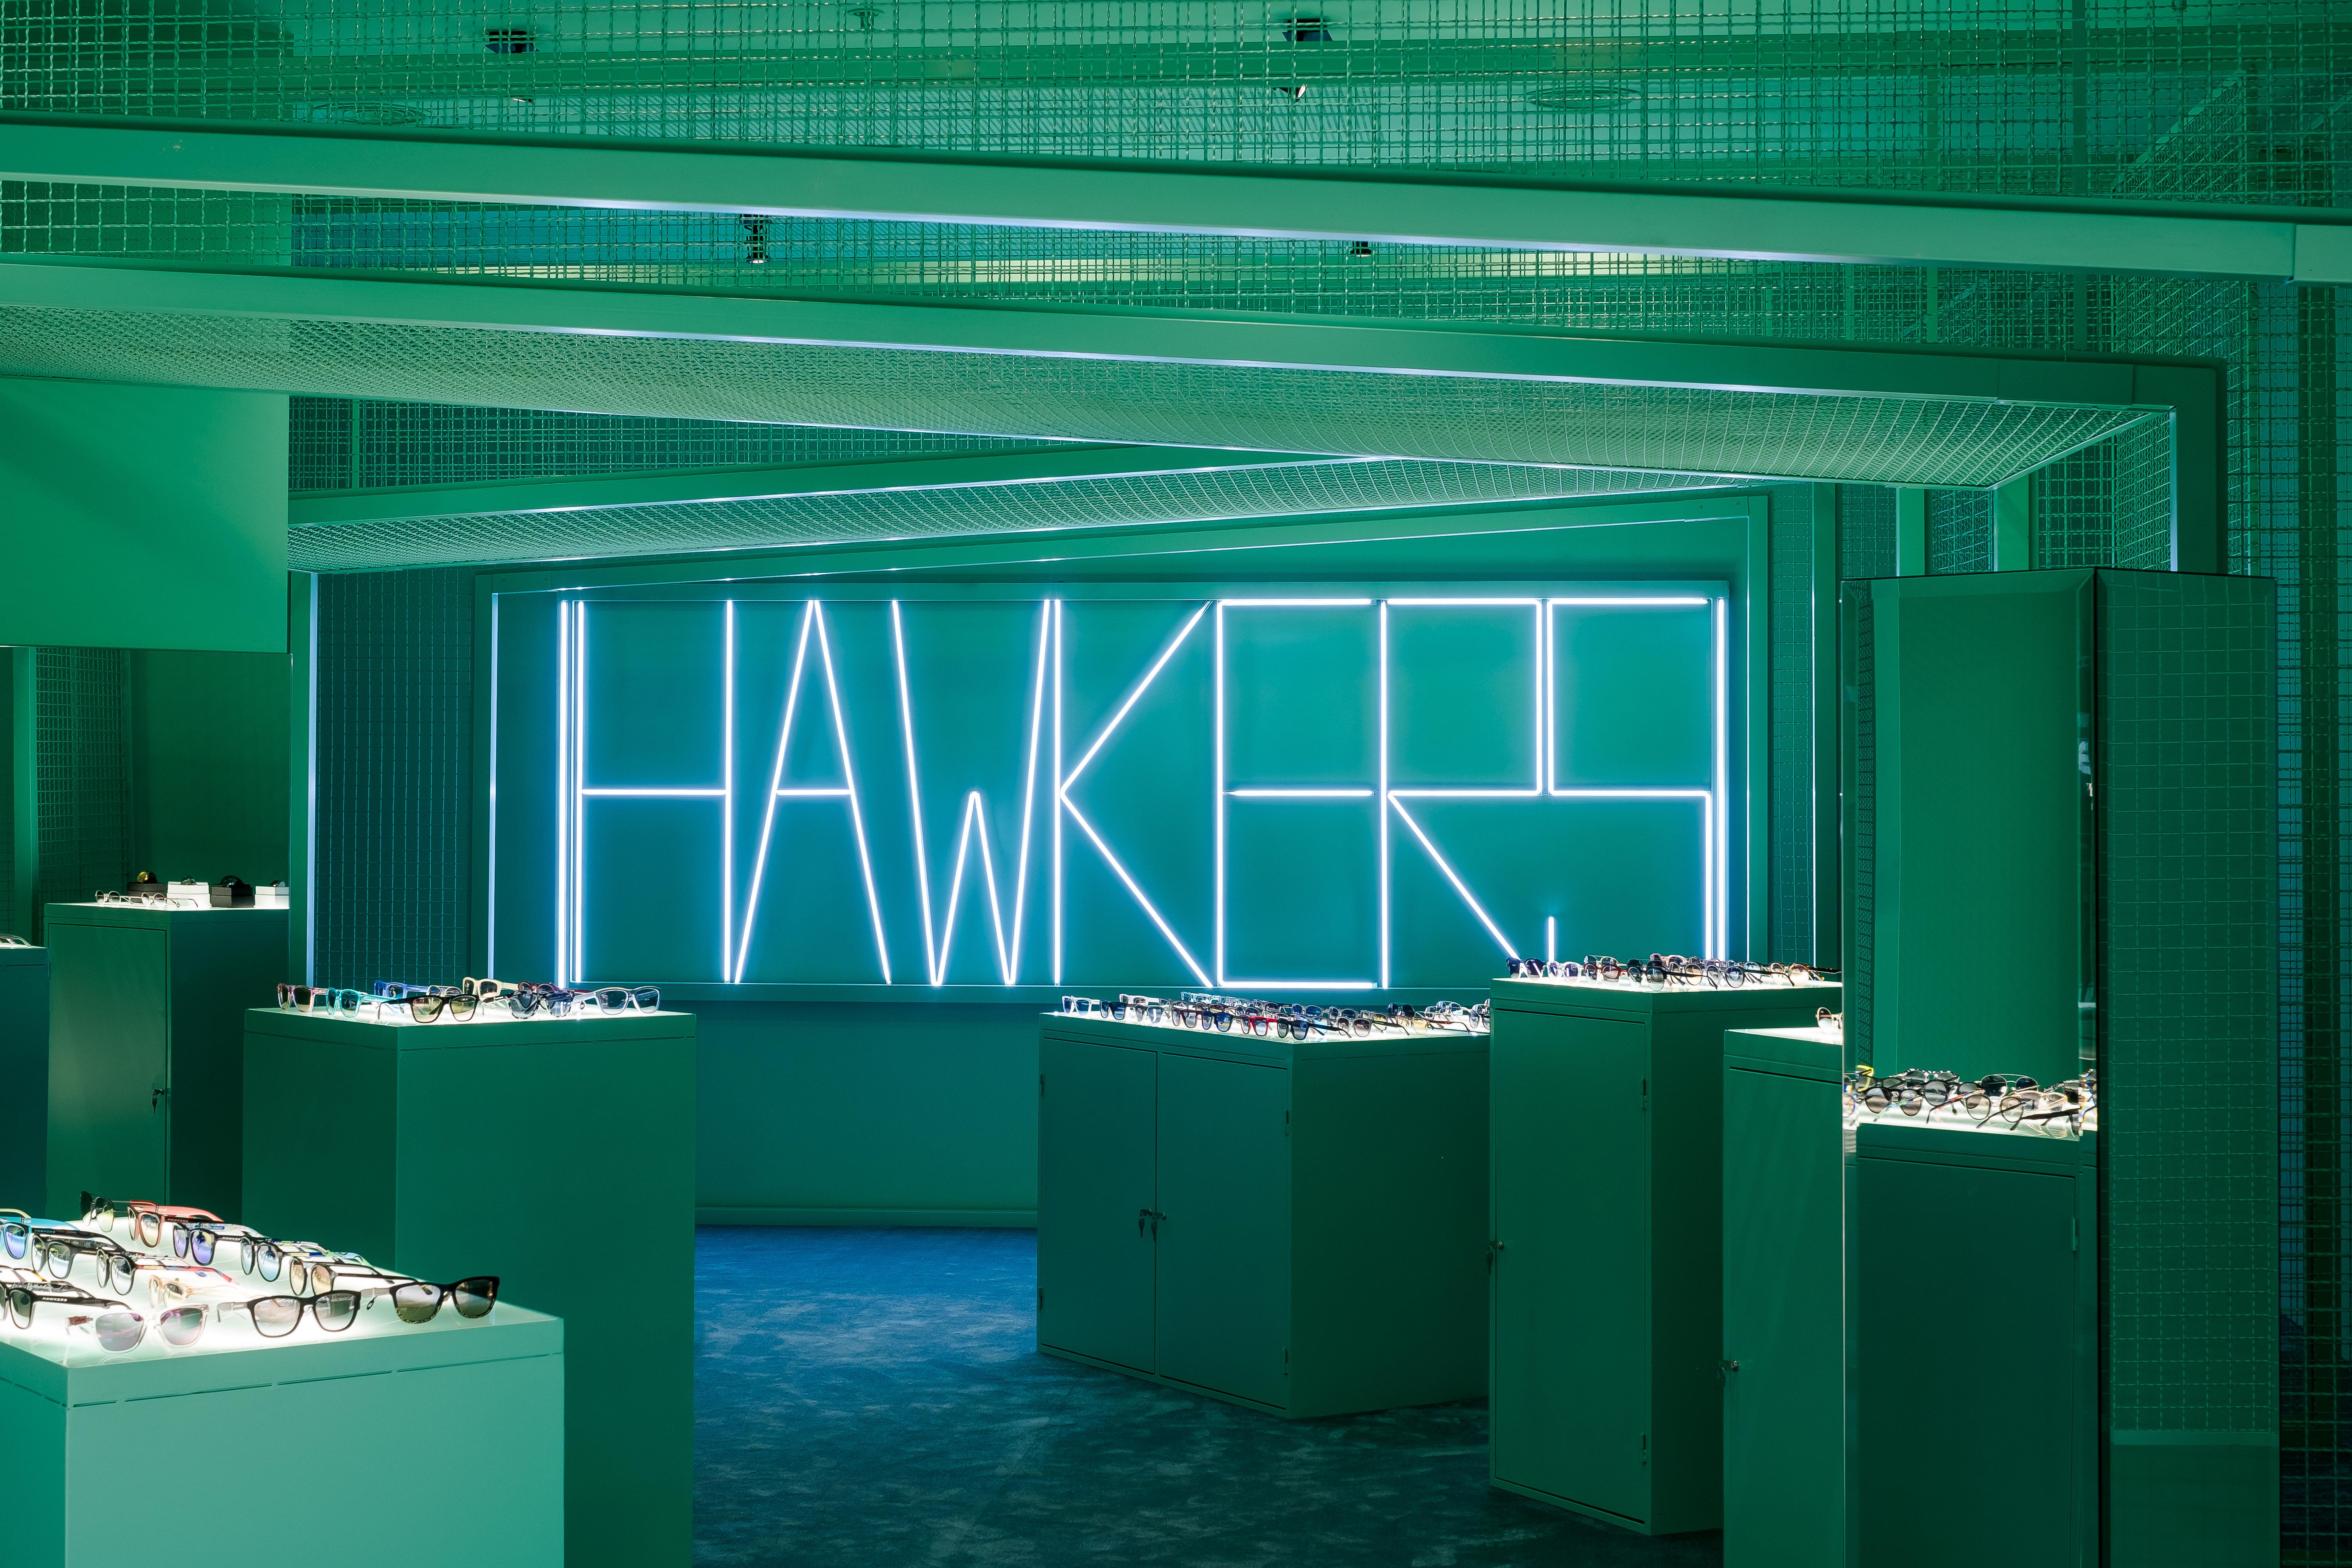 hawkers-espacio-mediterraneo_davidgarmen_006